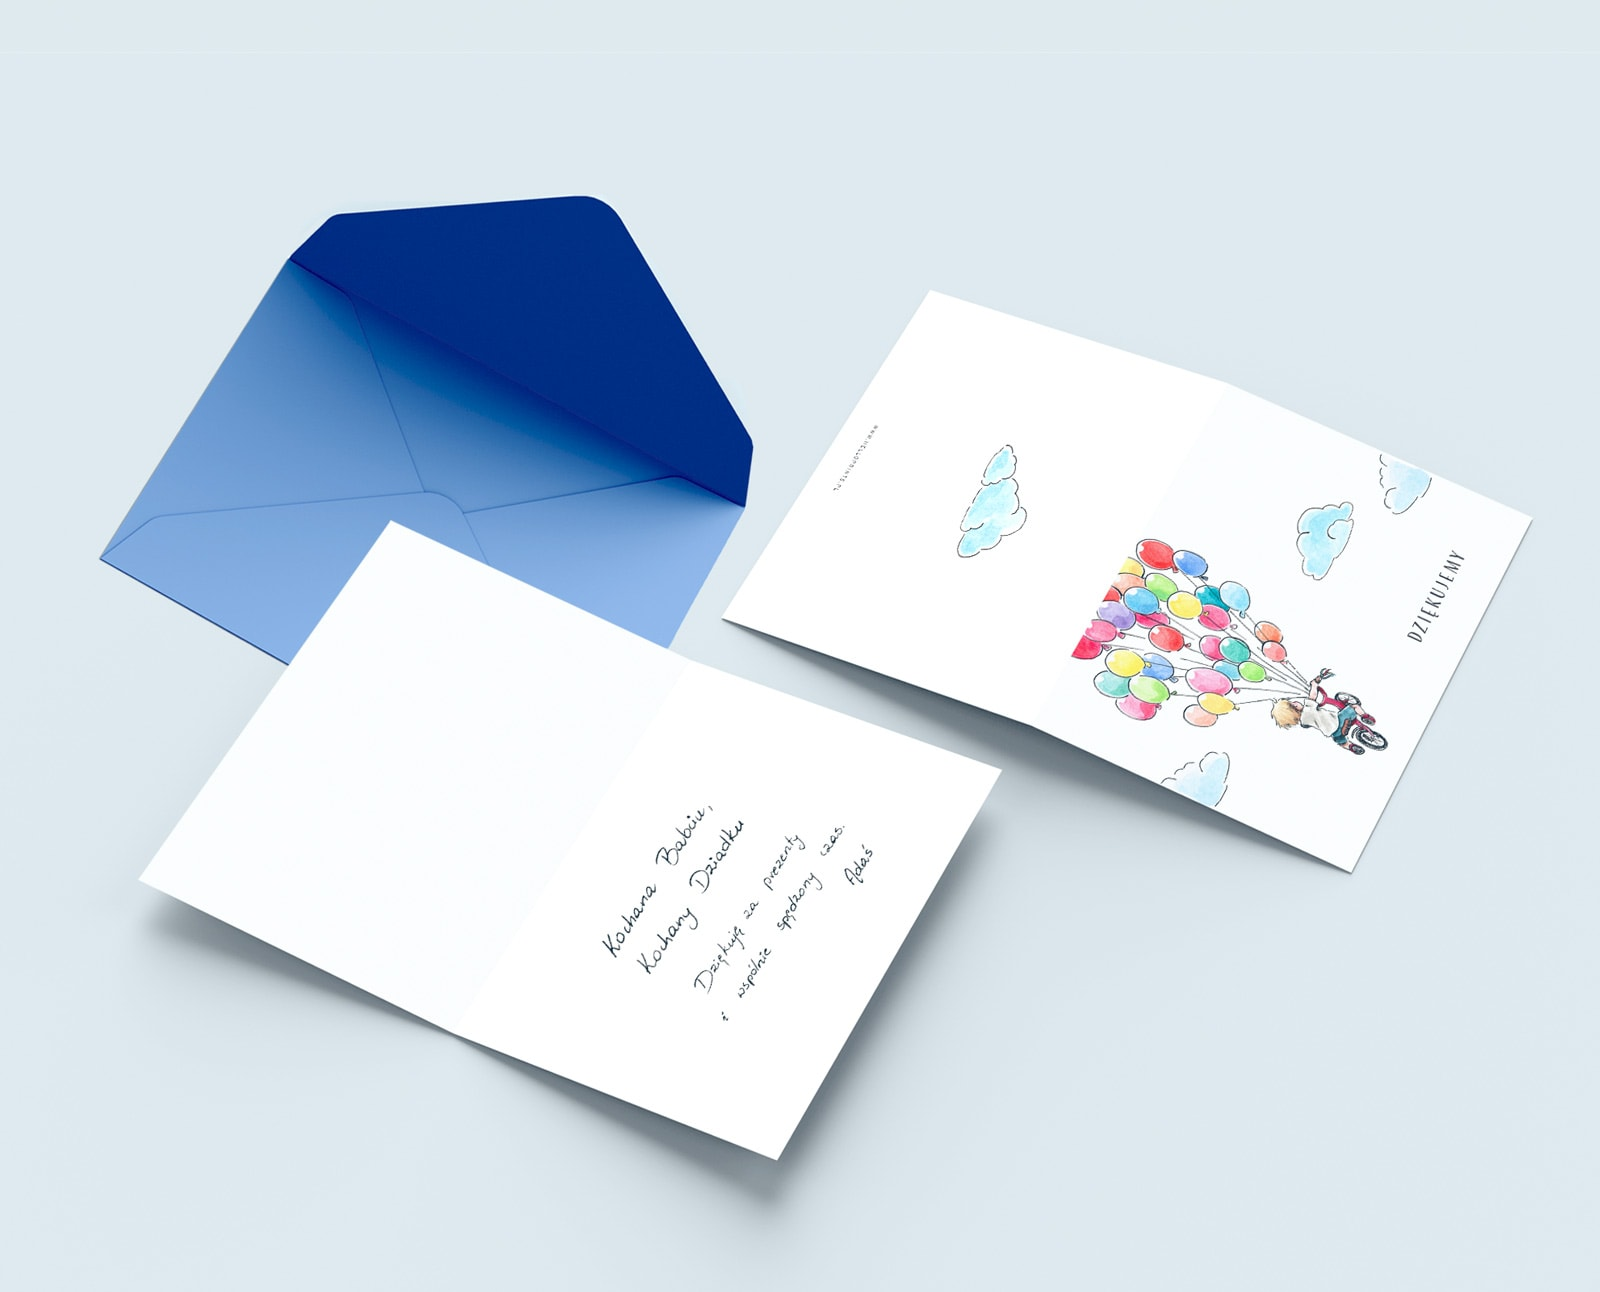 Podziękowania, kartki składane do własnoręcznego wypisania